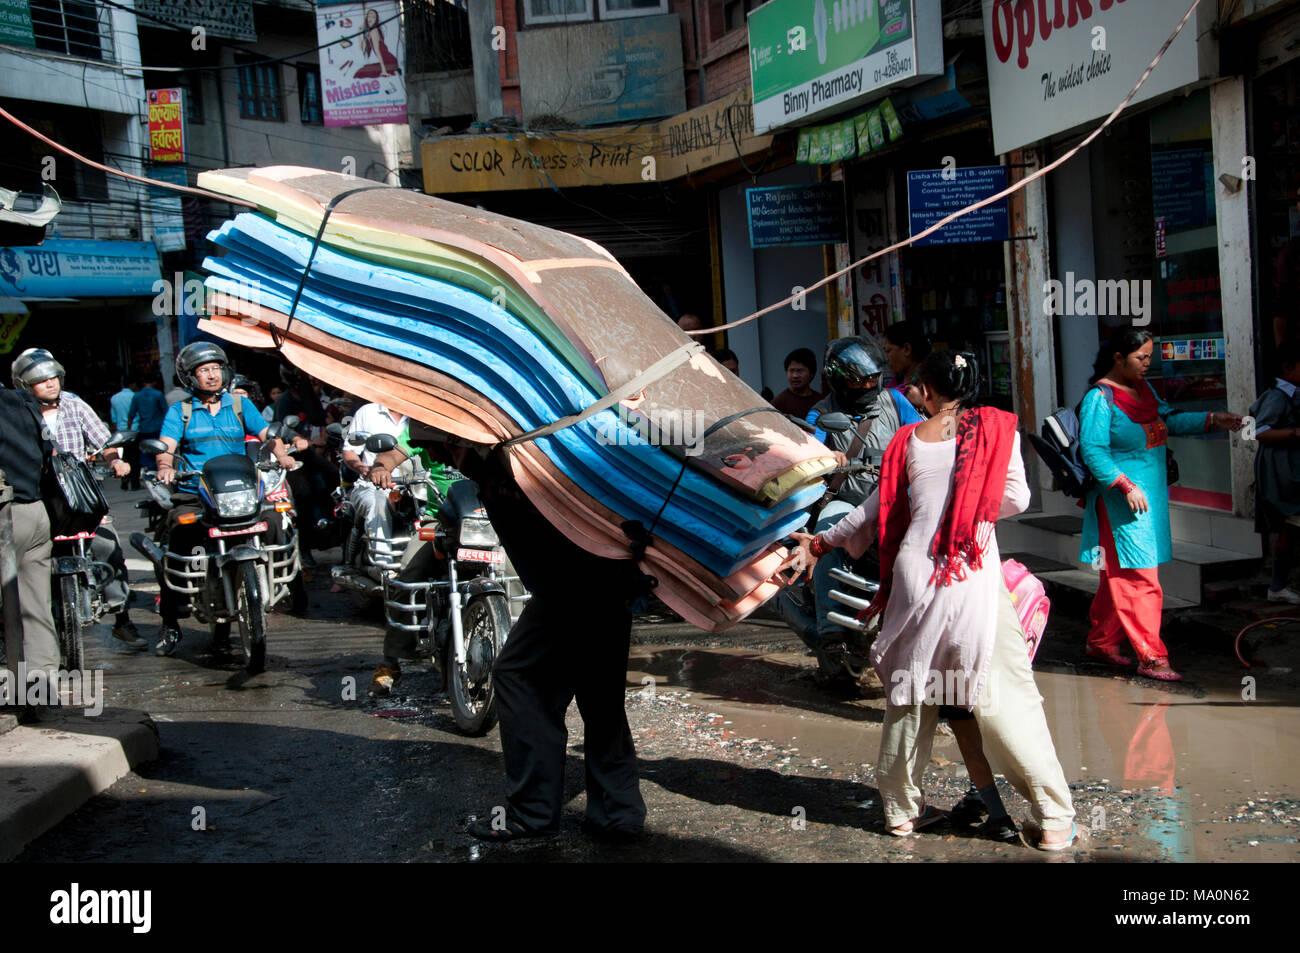 Nepal 2014. Kathmandu . Man carrying mattresses next to  men on motorbikes. - Stock Image